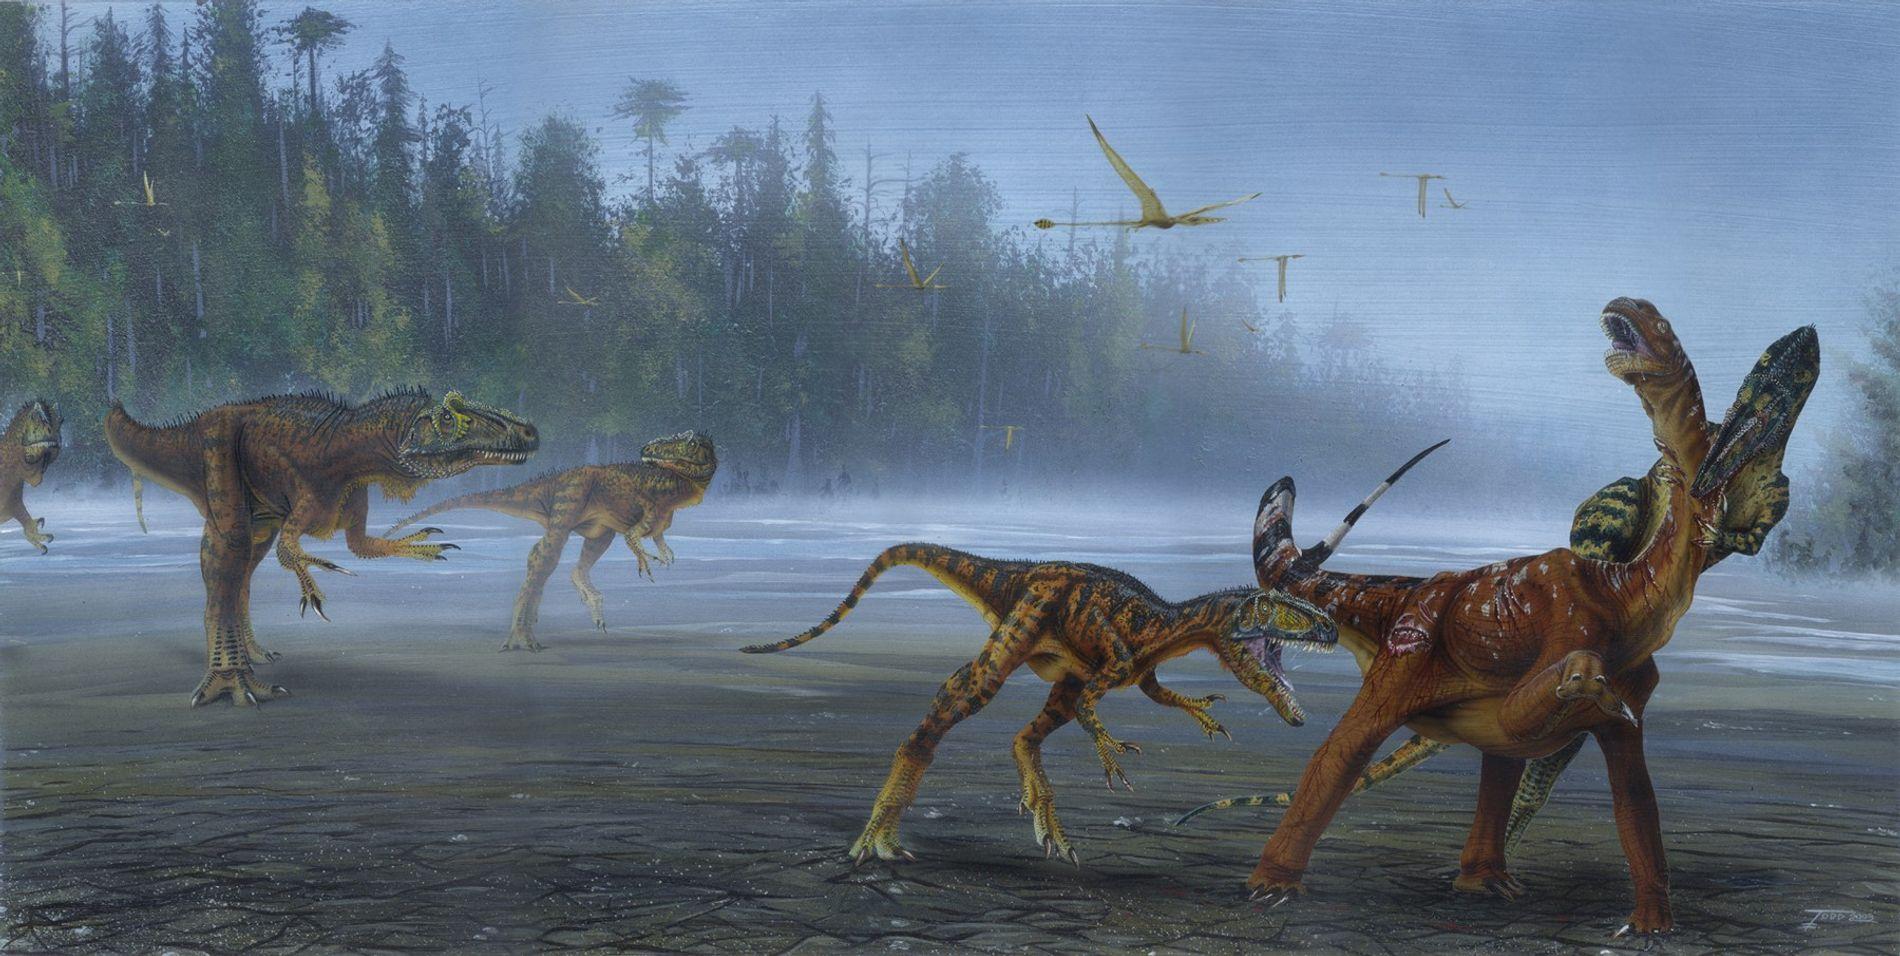 Allosaurus 01